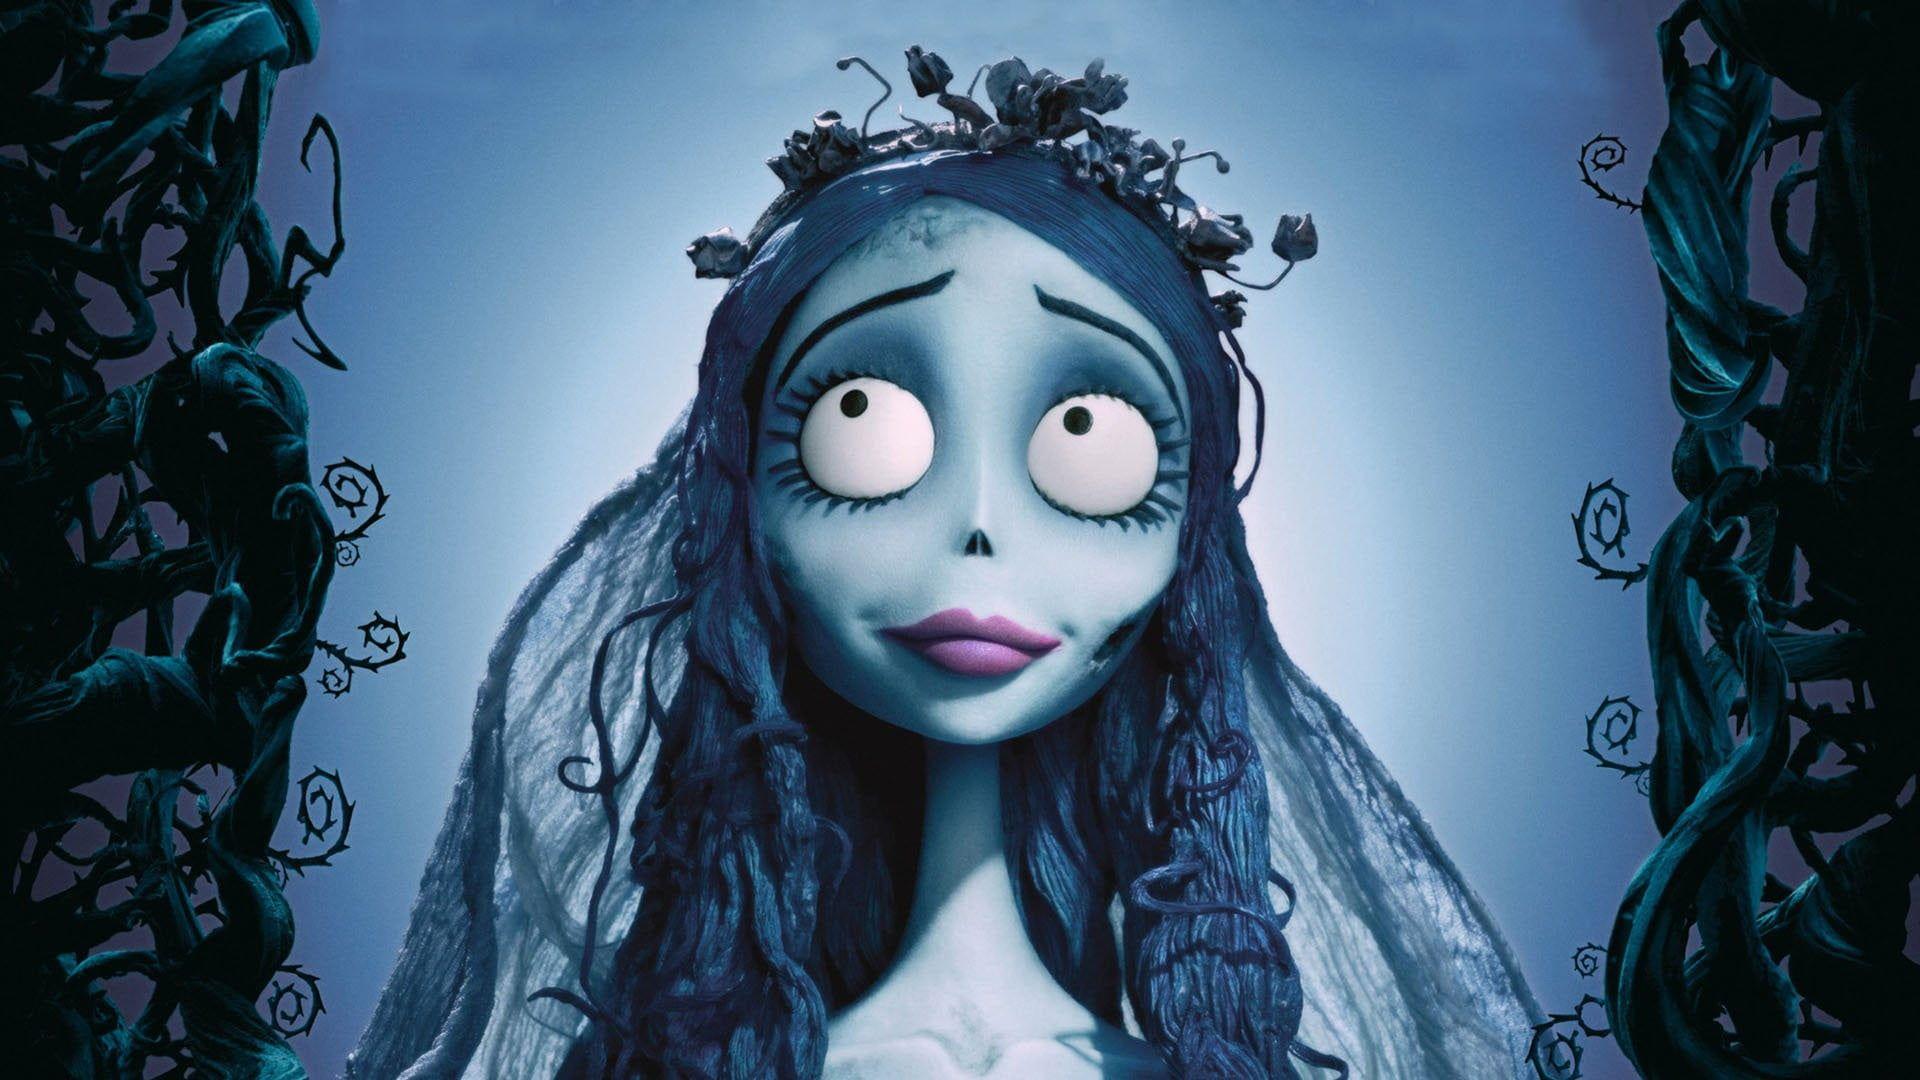 problema en términos de Rezumar  woman movie character #movies Corpse Bride animated movies Tim Burton  #1080P #wallpaper #hdwallp… | Tim burton corpse bride, Tim burton  characters, Corpse bride art